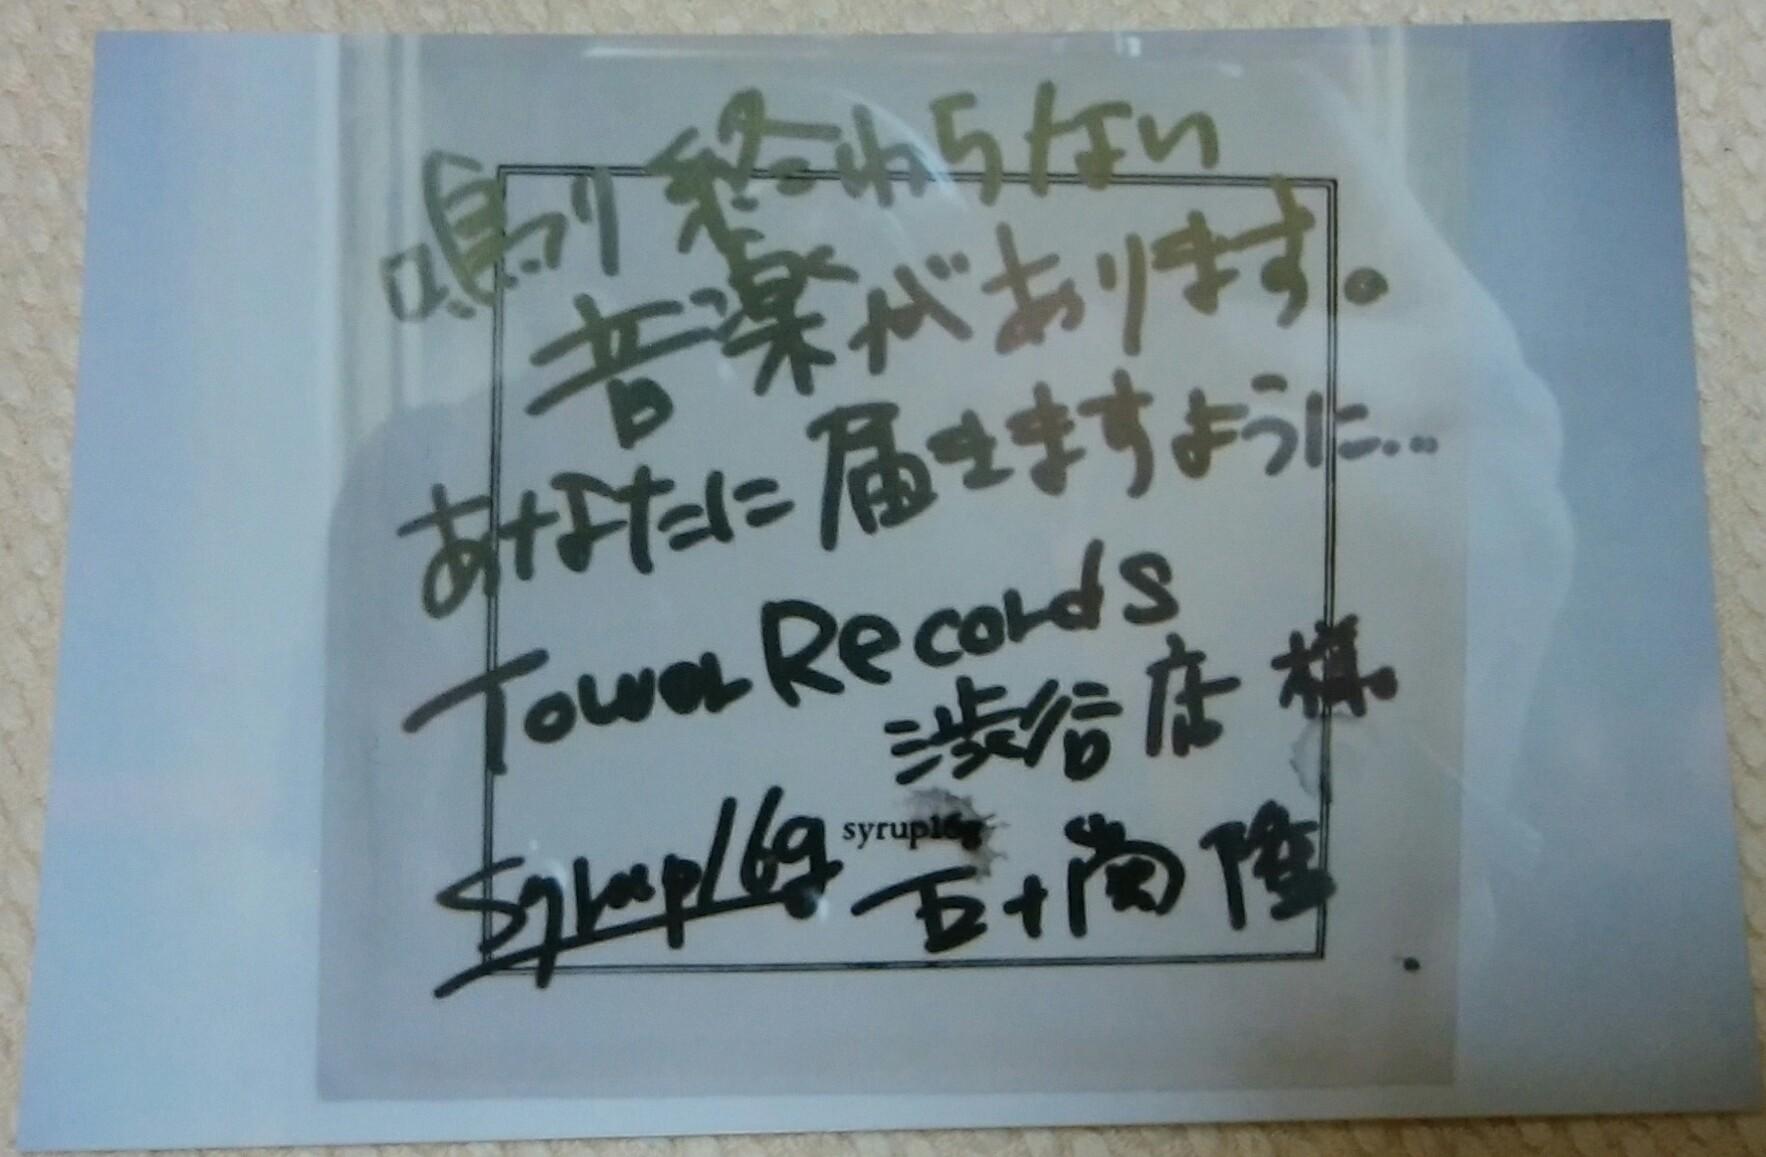 syrup16g解散ライブ@日本武道館から十年